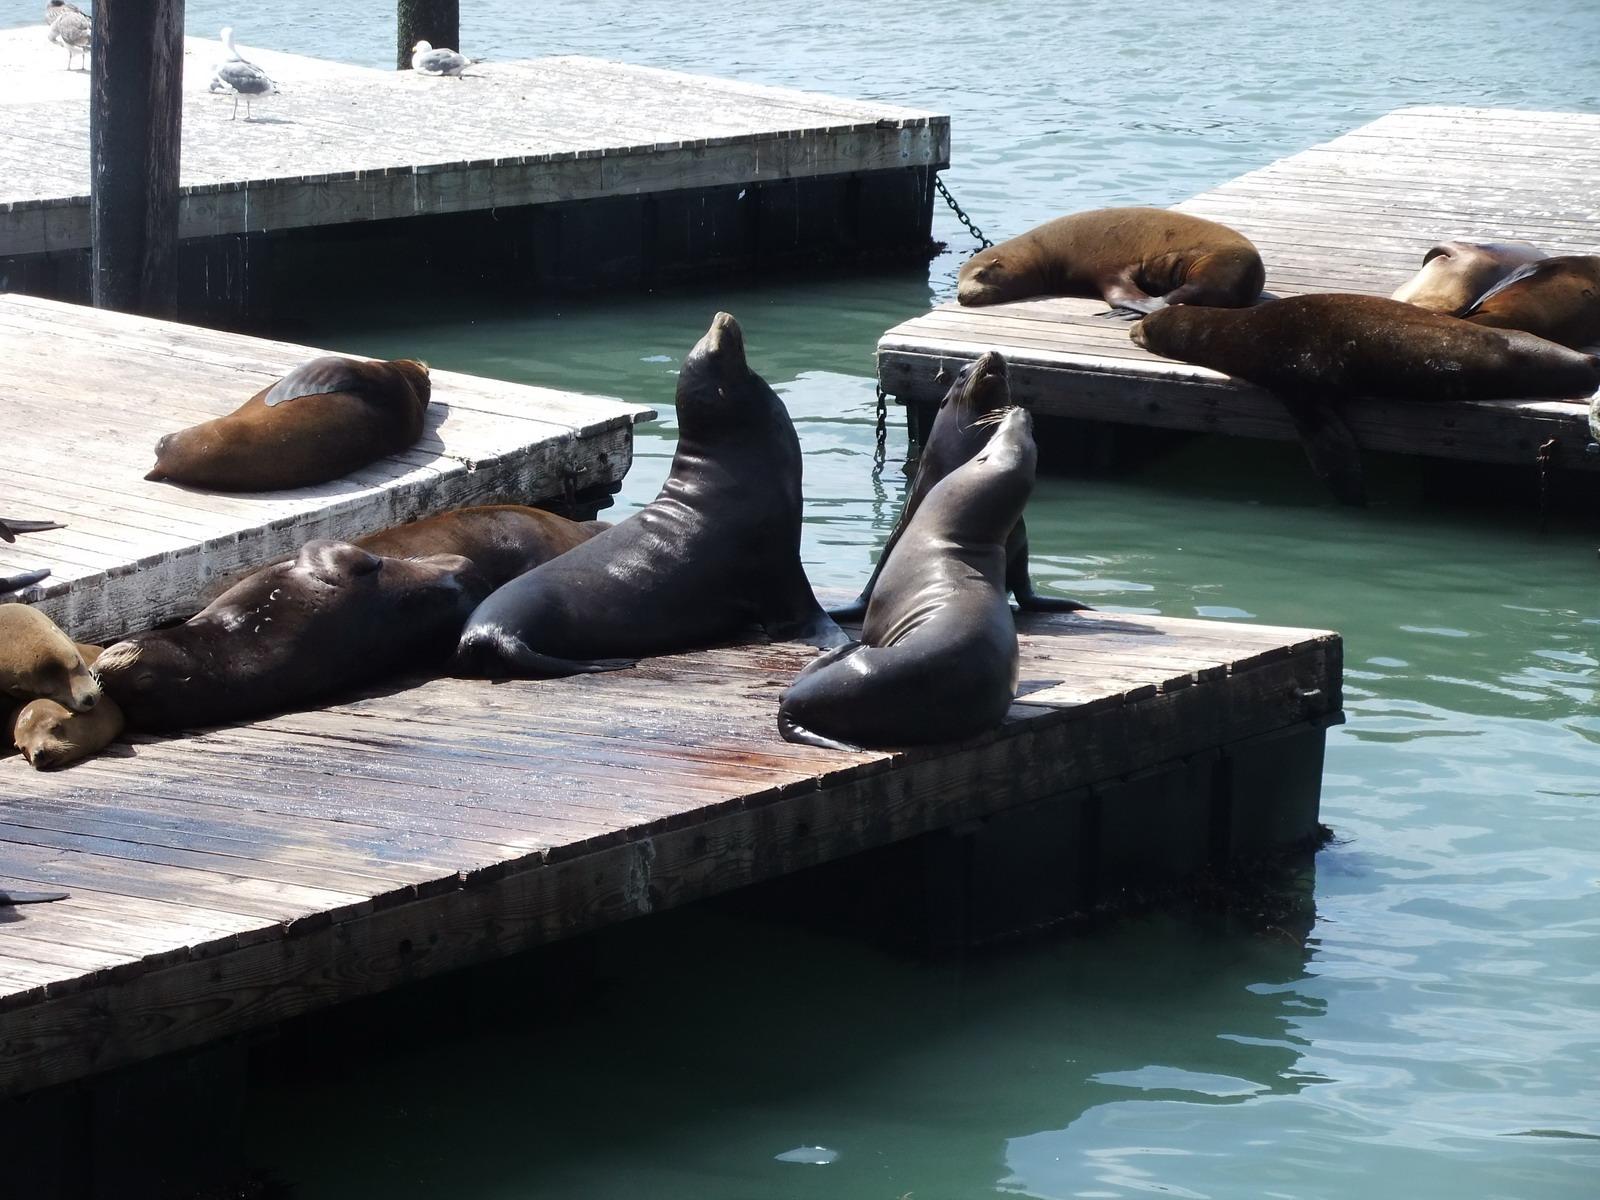 Каждый год морская пристань под названием Мох наполняется этими животными, которые облюбовали это ме